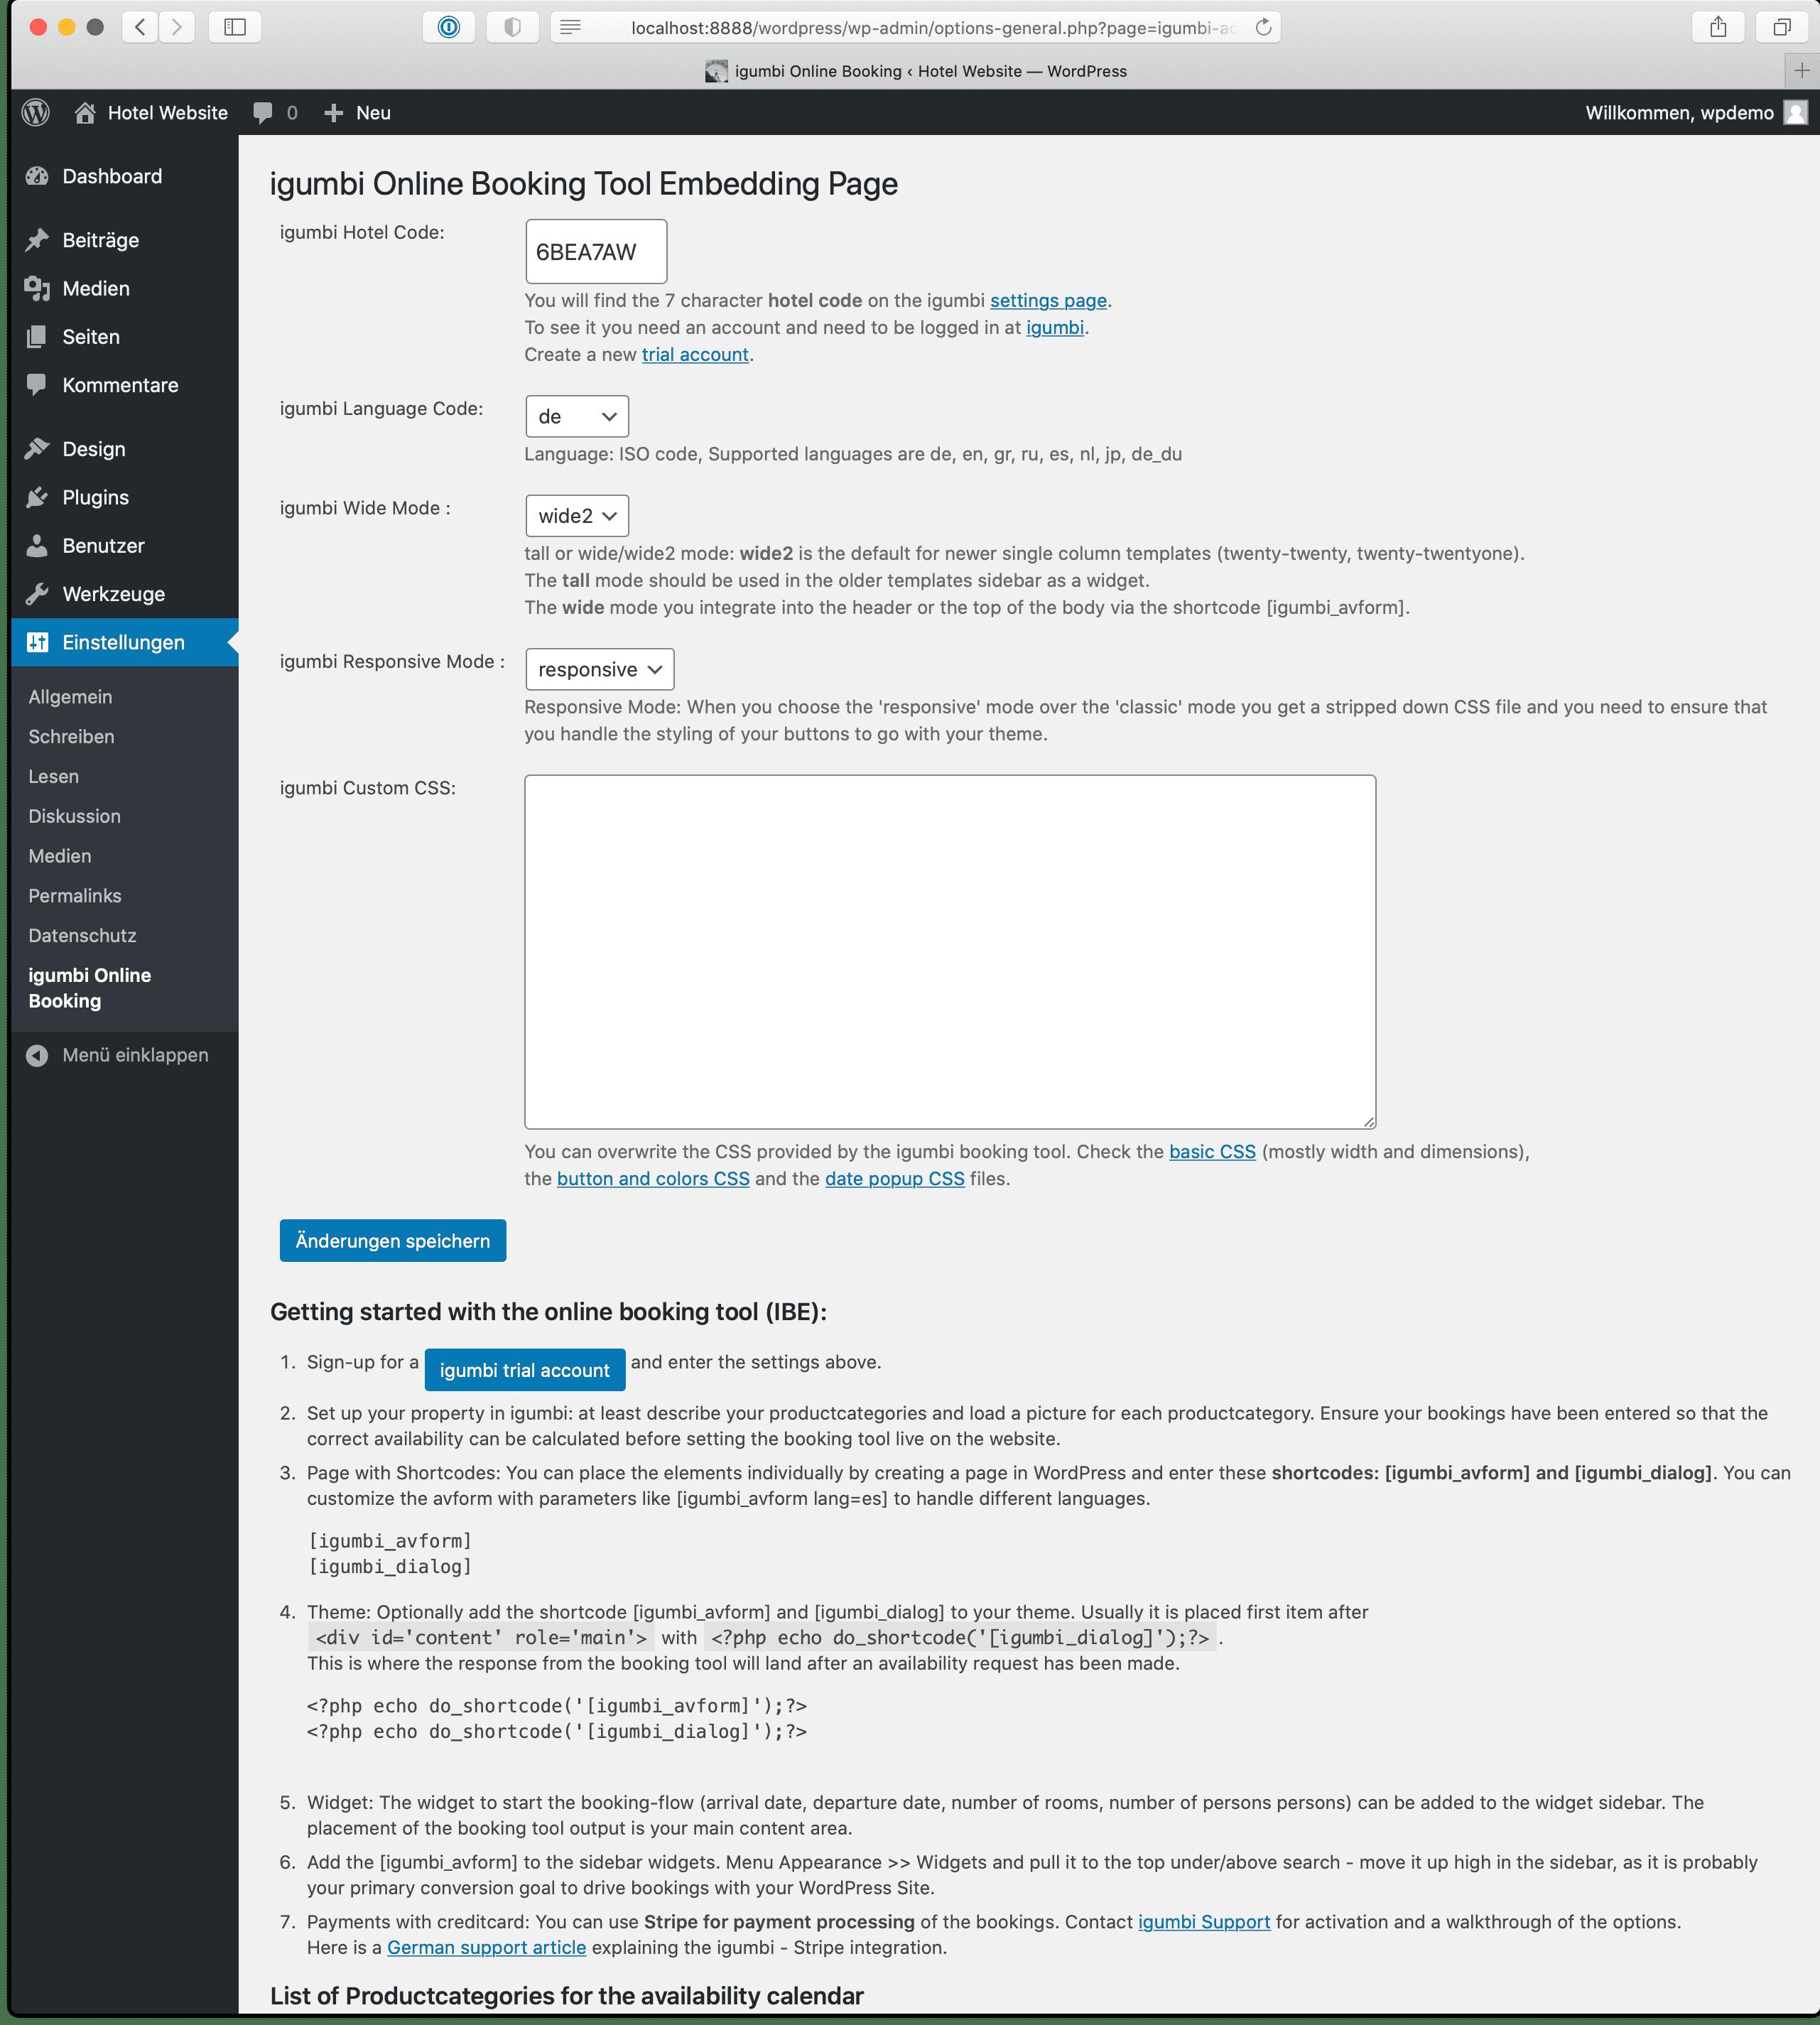 Einstellungen in der Admin Maske für das igumbi-online-bookings WordPress Plugin